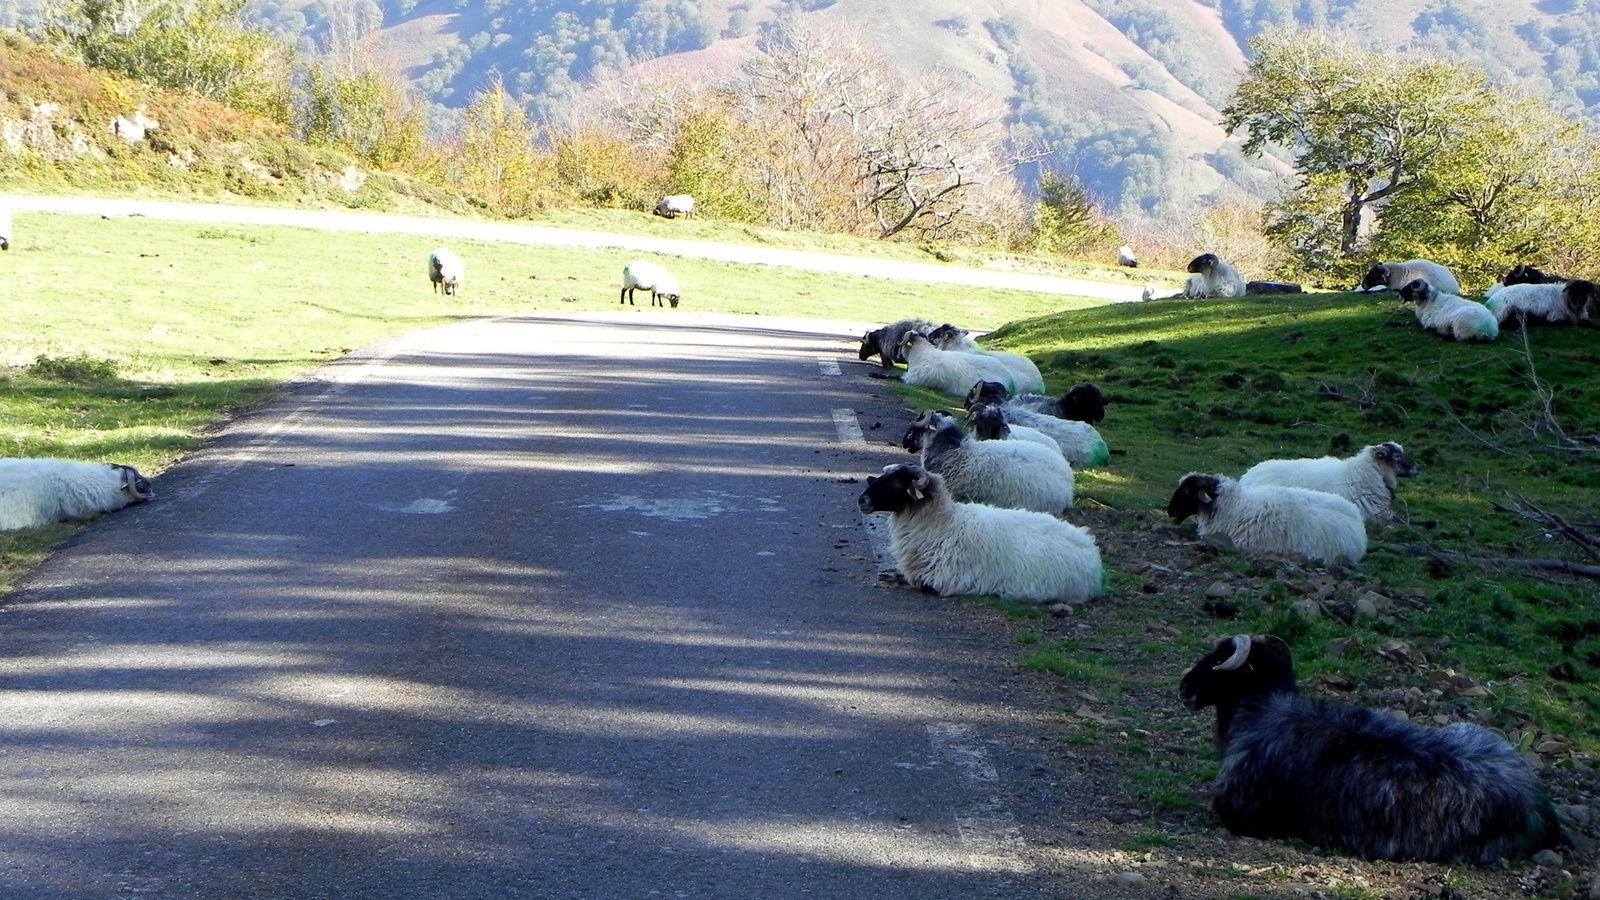 En descendant vers Larrau, nous avons rencontré ces moutons à tête noire de race Manech, originaires du Pays Basque. Ils sont élevés surtout pour leur lait avec lequel est fabriqué le fameux fromage appellation d'origine contrôlée Ossau-Iraty.